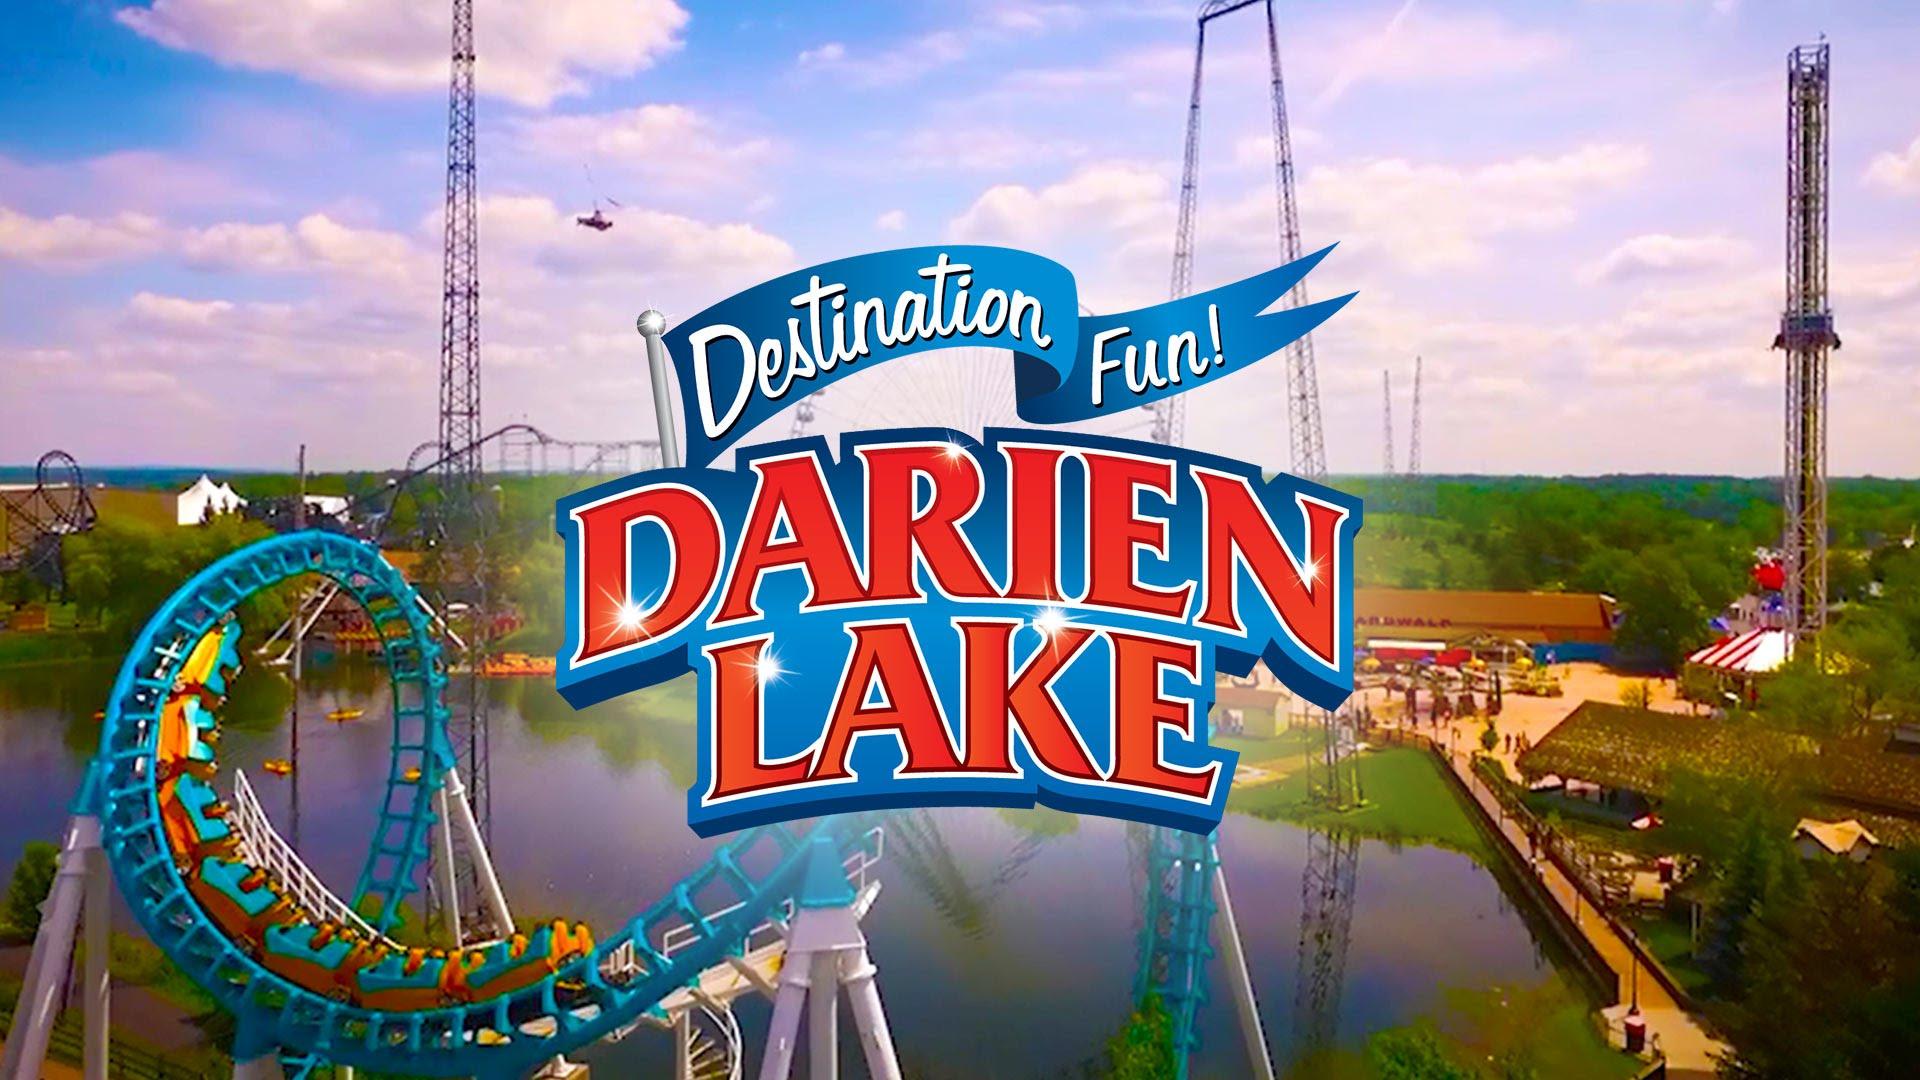 Enter to win A Family night at Darien Lake